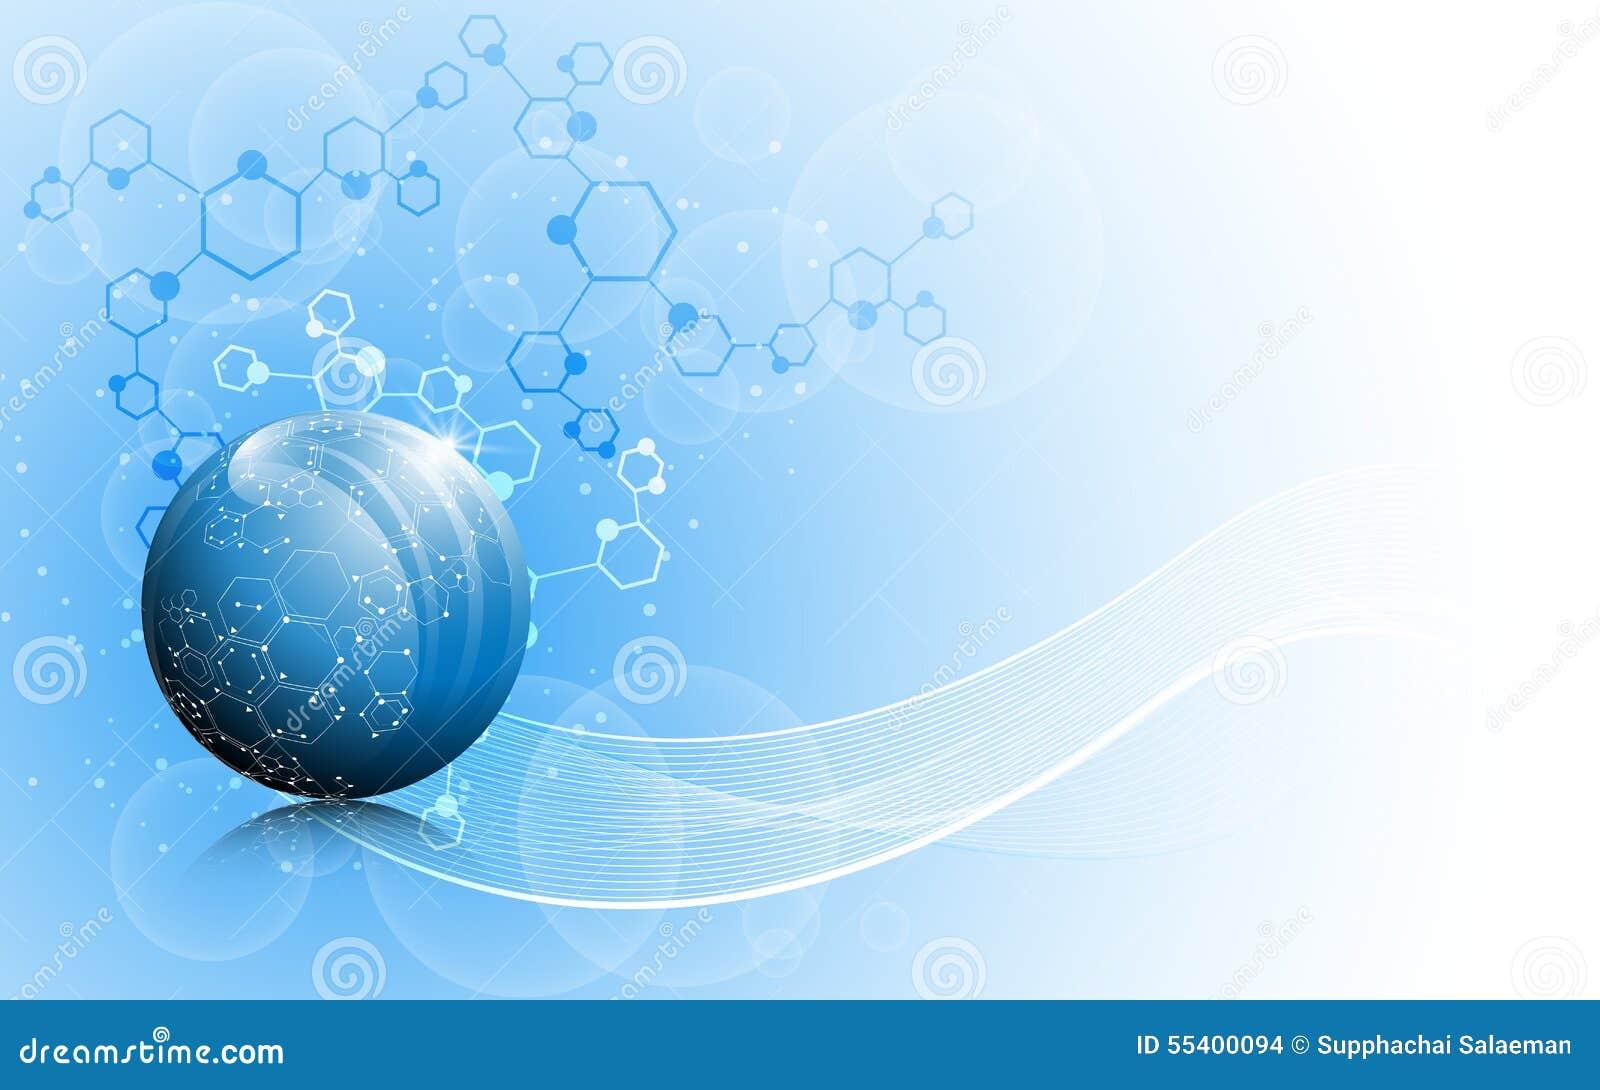 传染媒介科学地球创新概念背景 向量例证 - 图片: 图片